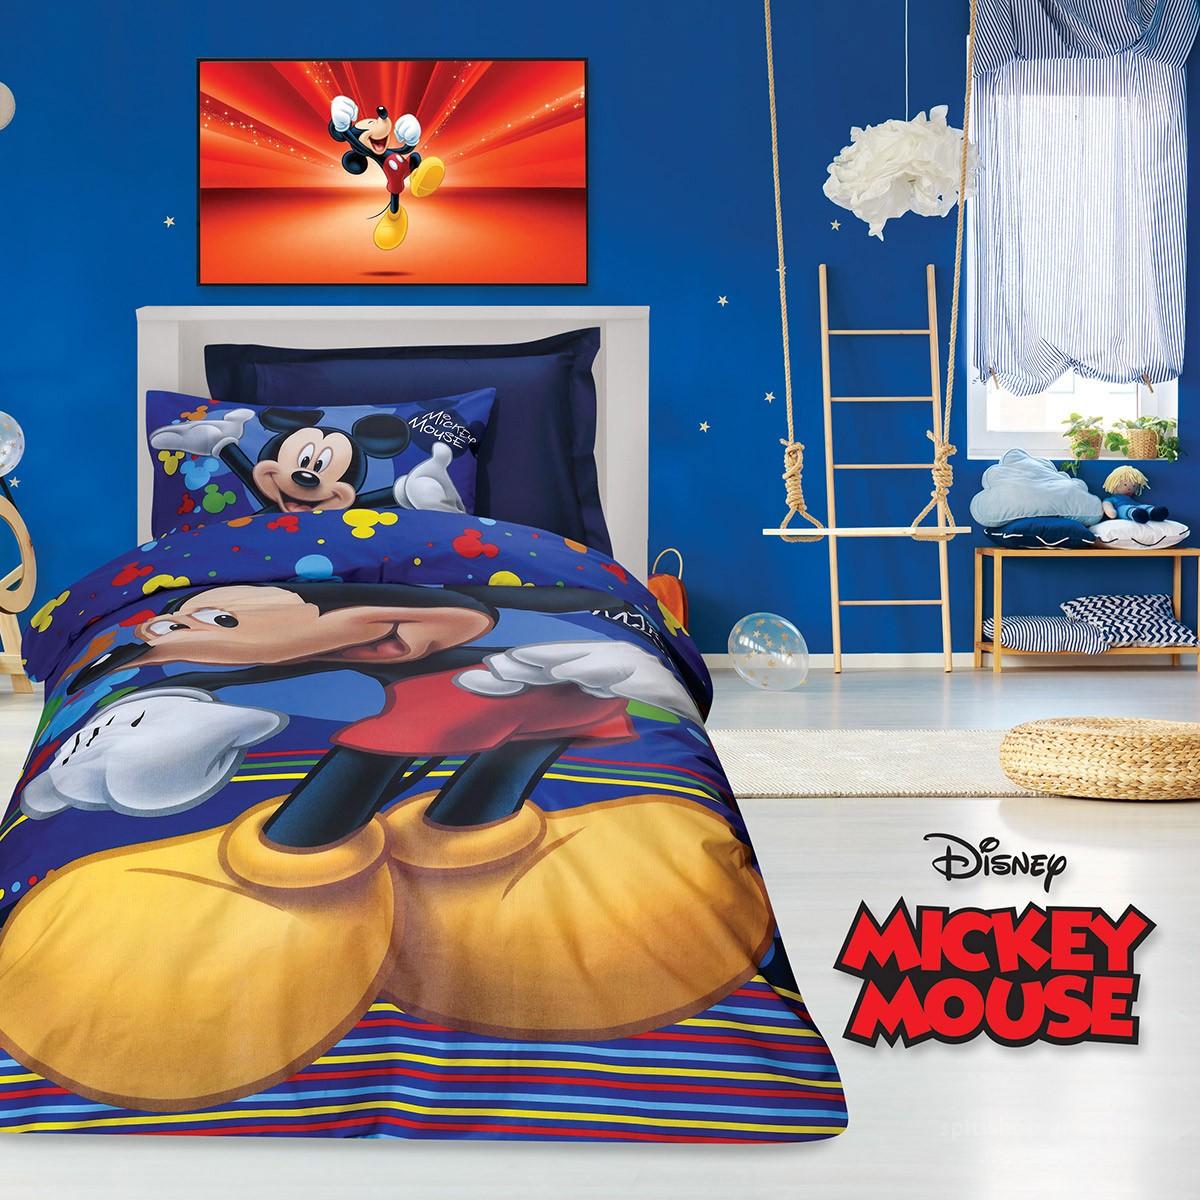 Παπλωματοθήκη Μονή (Σετ) Das Home MiCkey MoUse 5011 89784